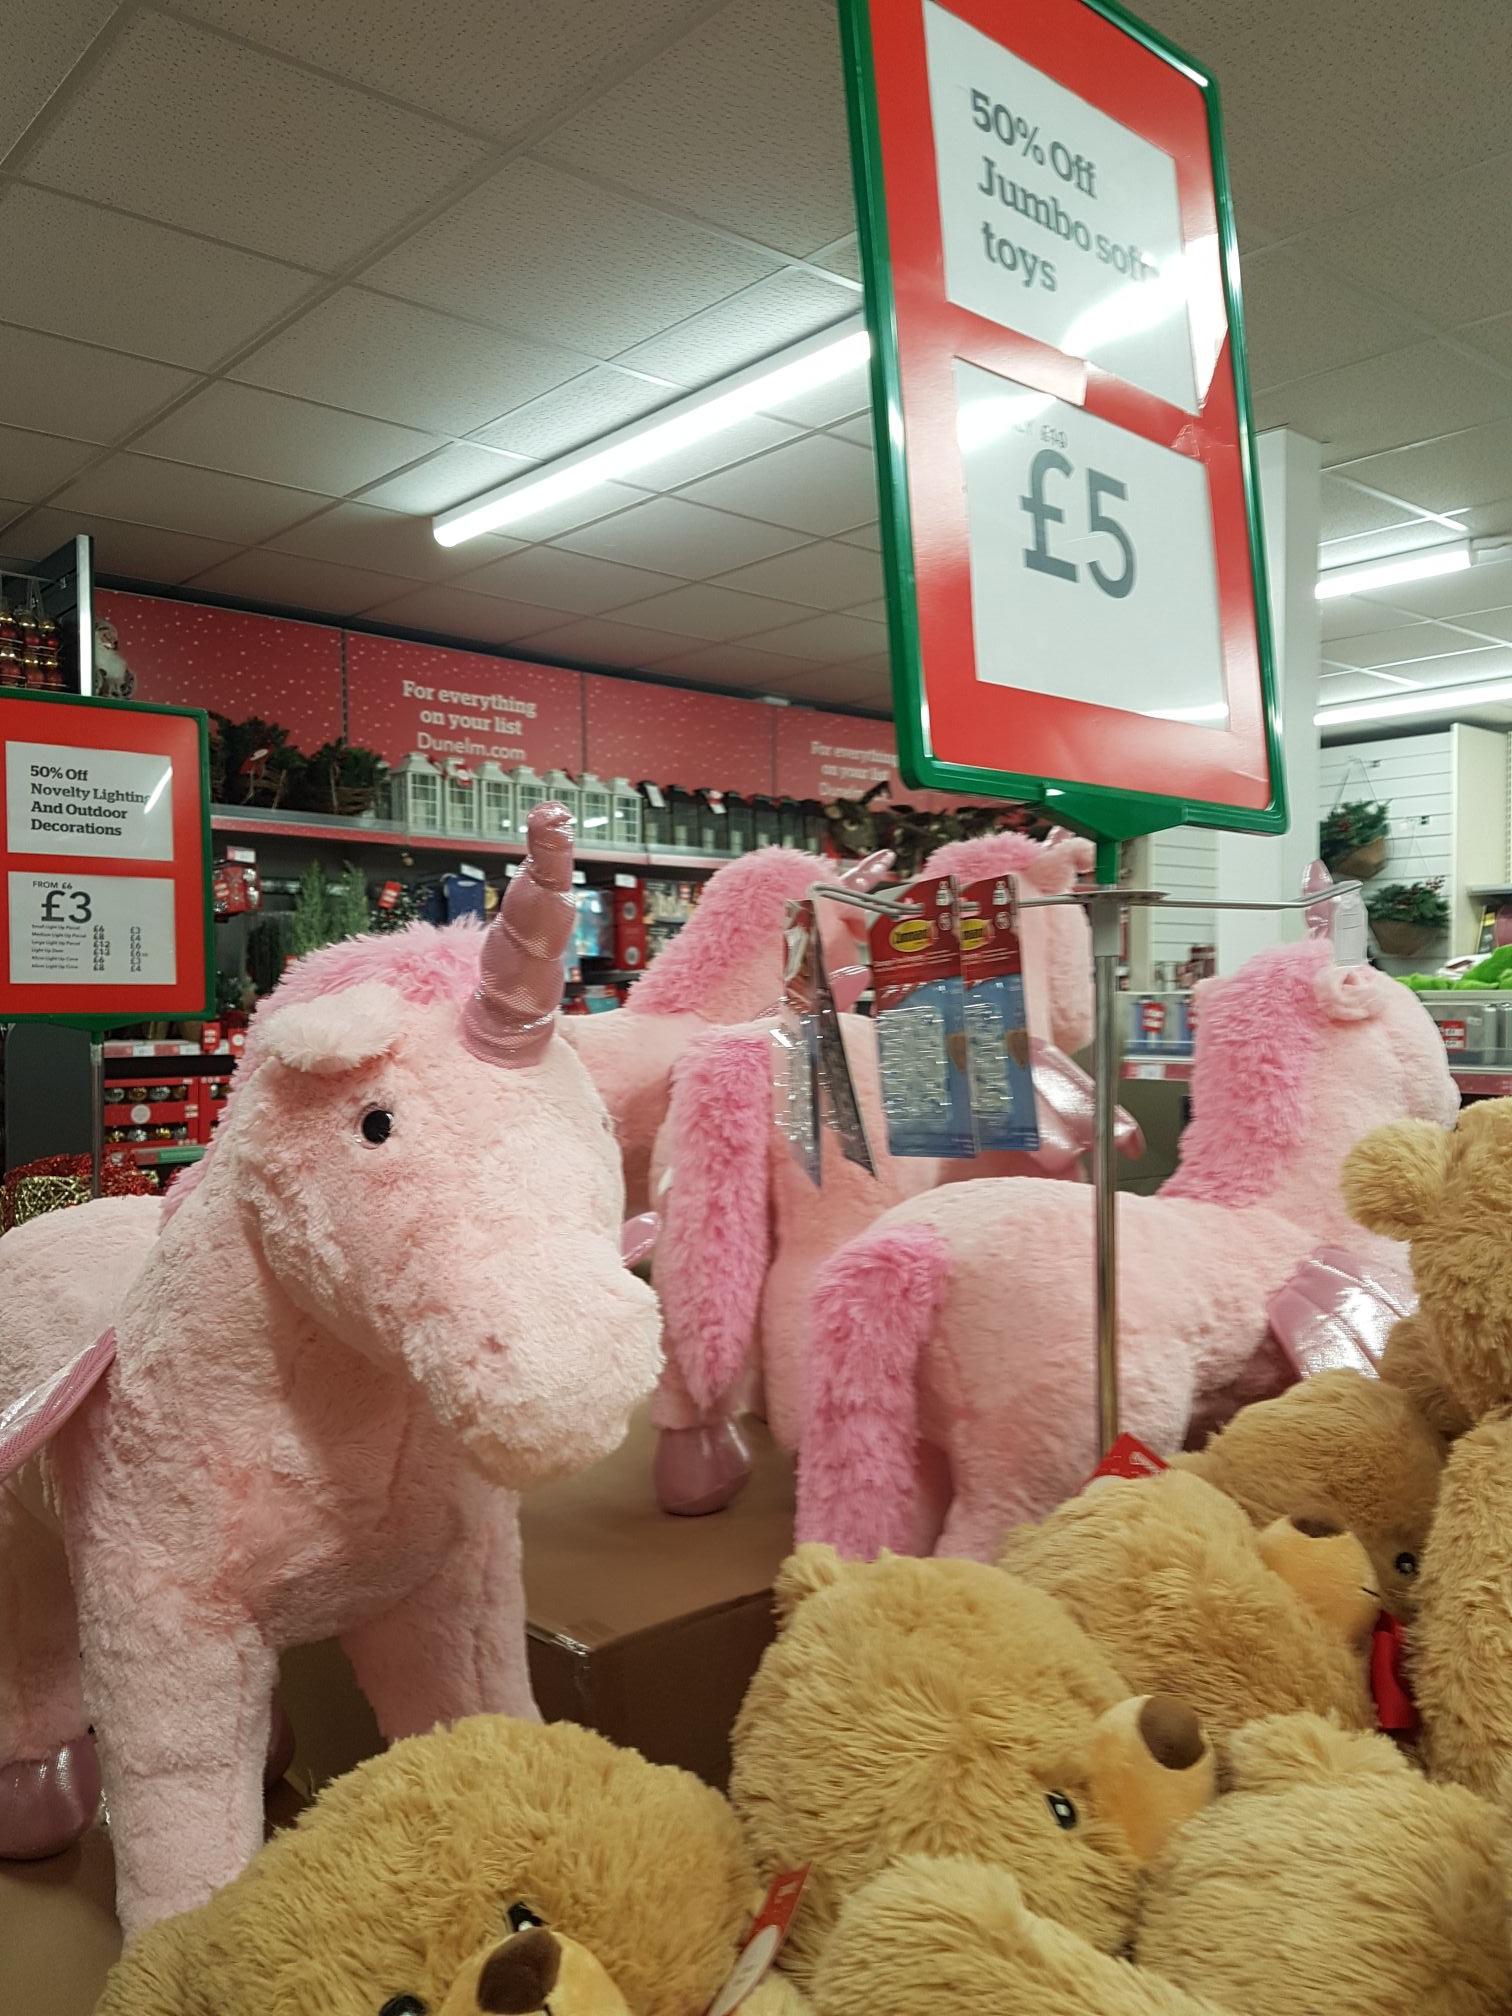 Jumbo bear £5 jumbo unicorn £25 dunelm mill instore